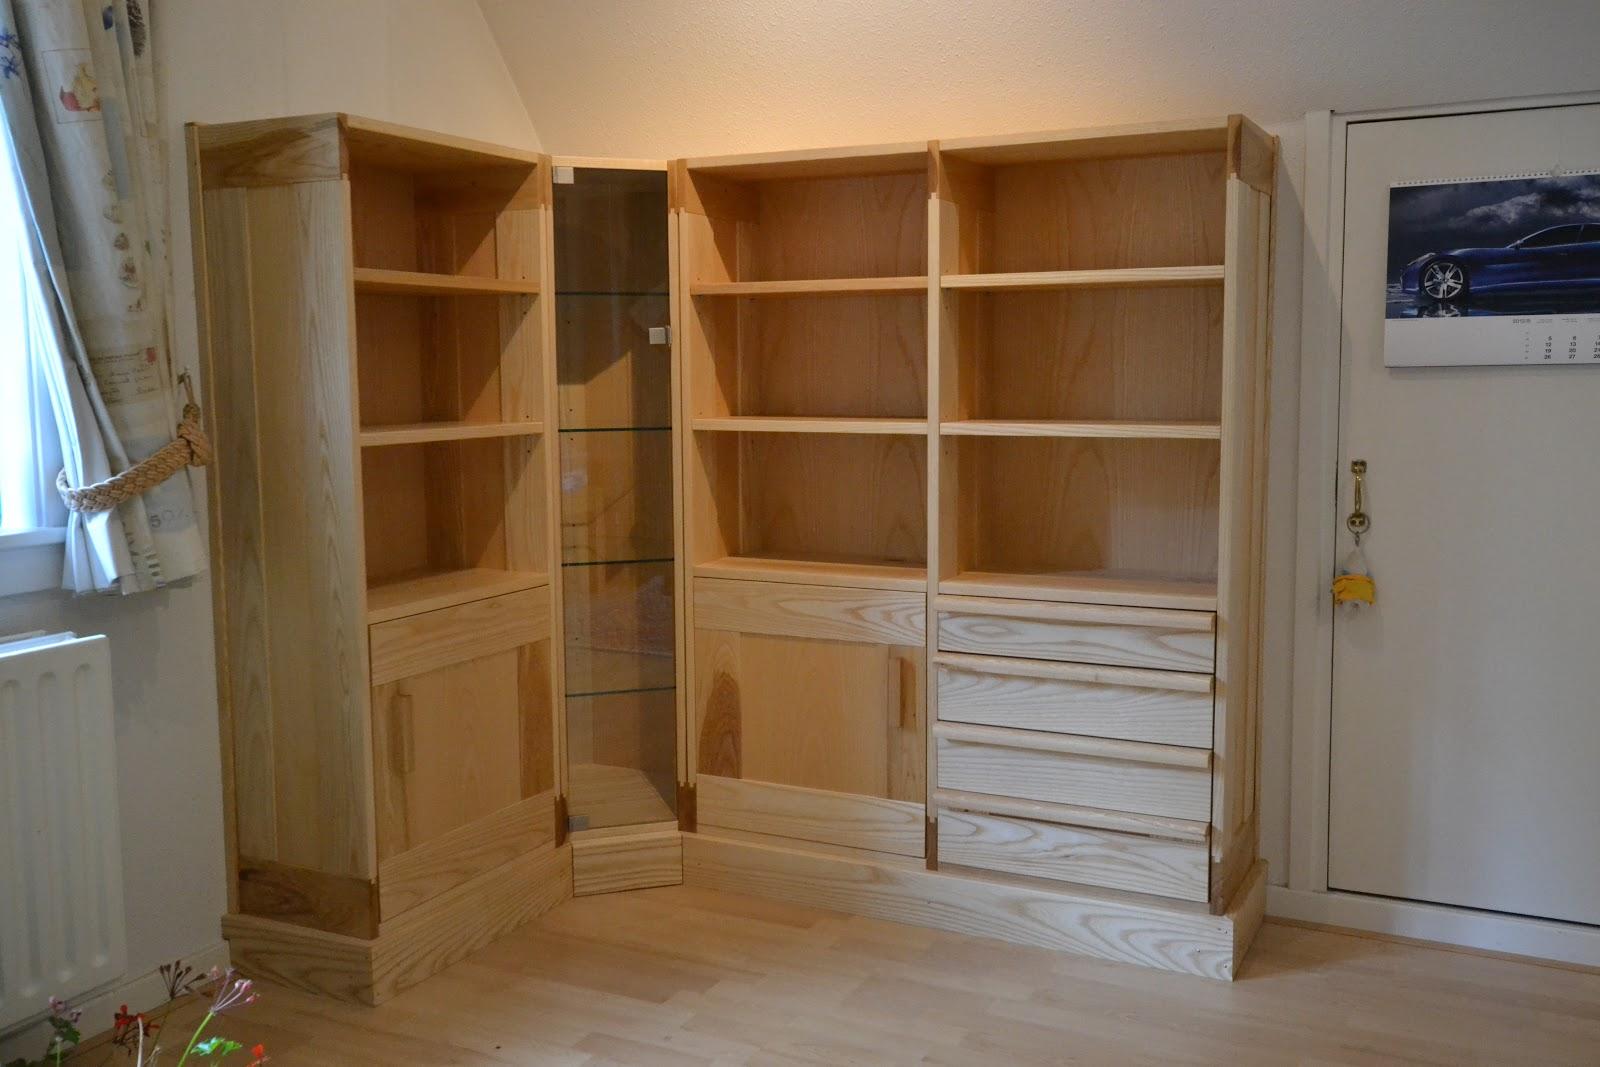 Meubelmakerij de Swarte Schuur: Boekenkast, vitrinekast